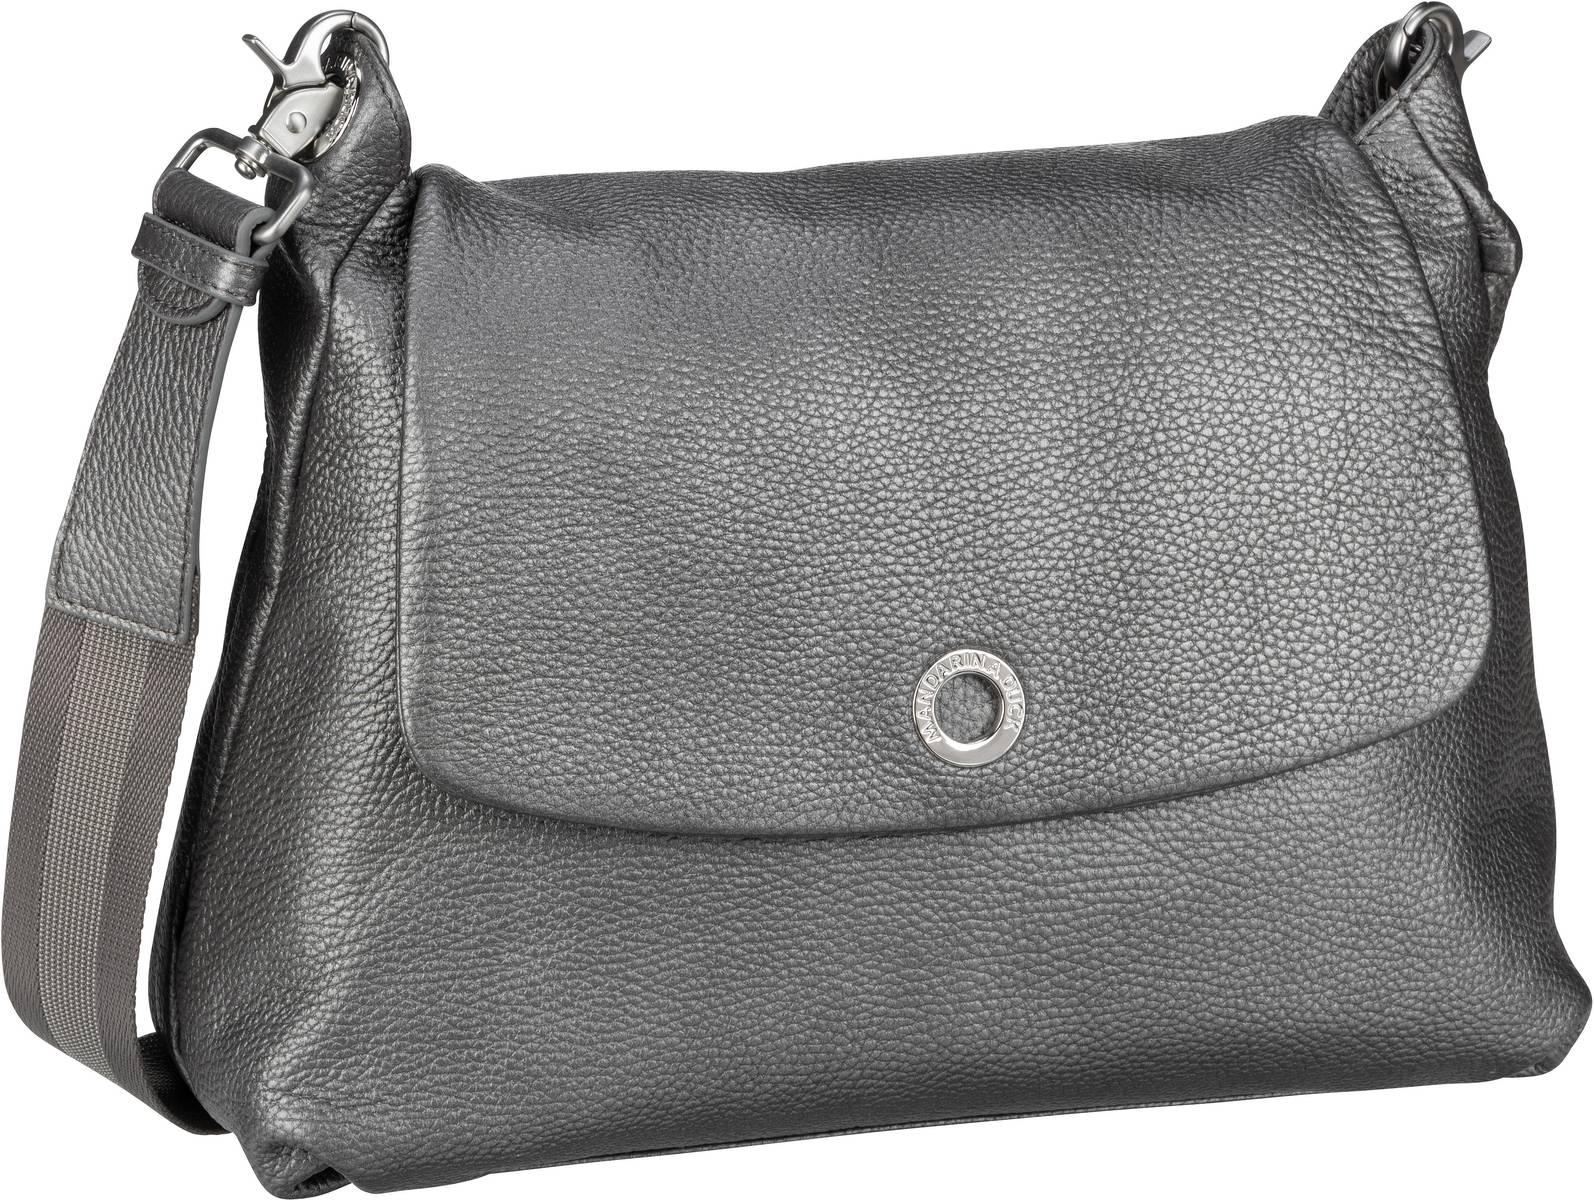 Umhängetasche Mellow Leather Lux Shoulder Bag ZLT30 Lead